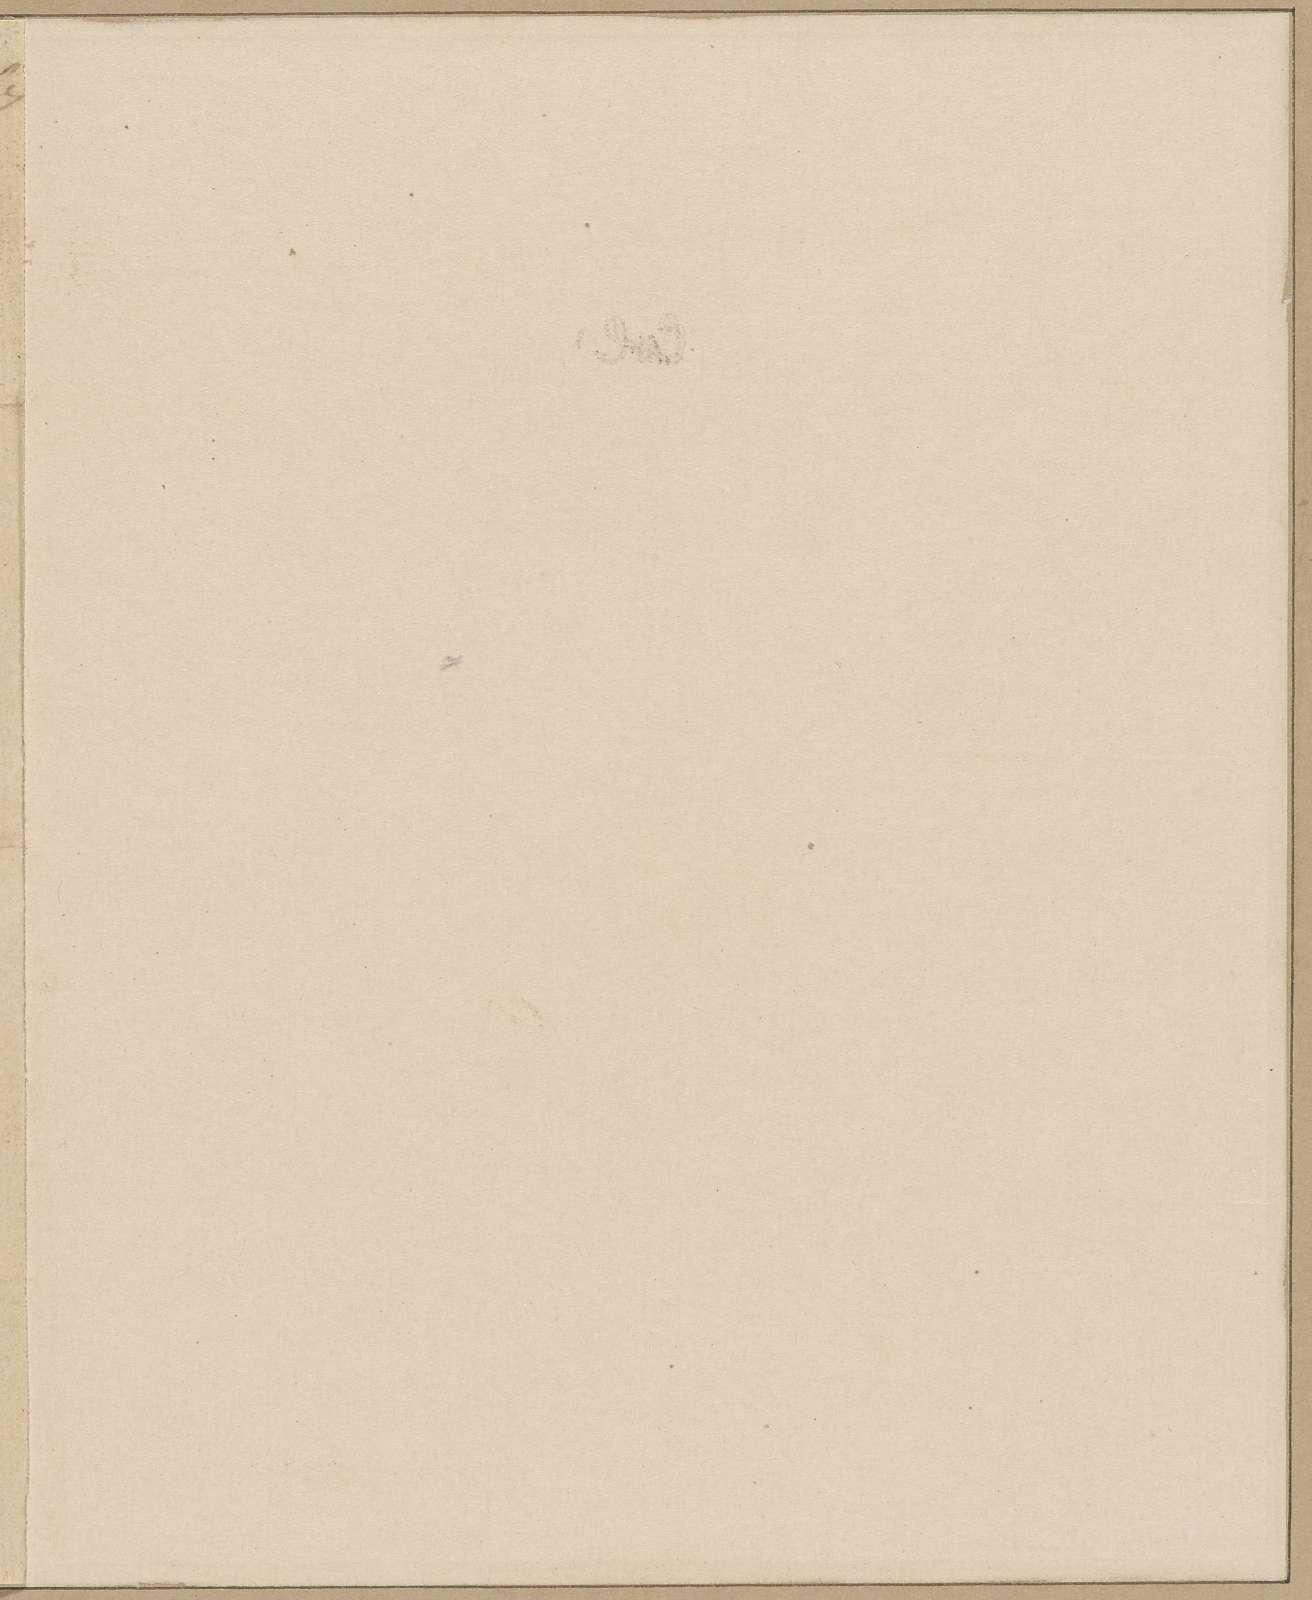 Livingston, James. Mr. Hazens opposite St. Johns. To Colonel Bedel